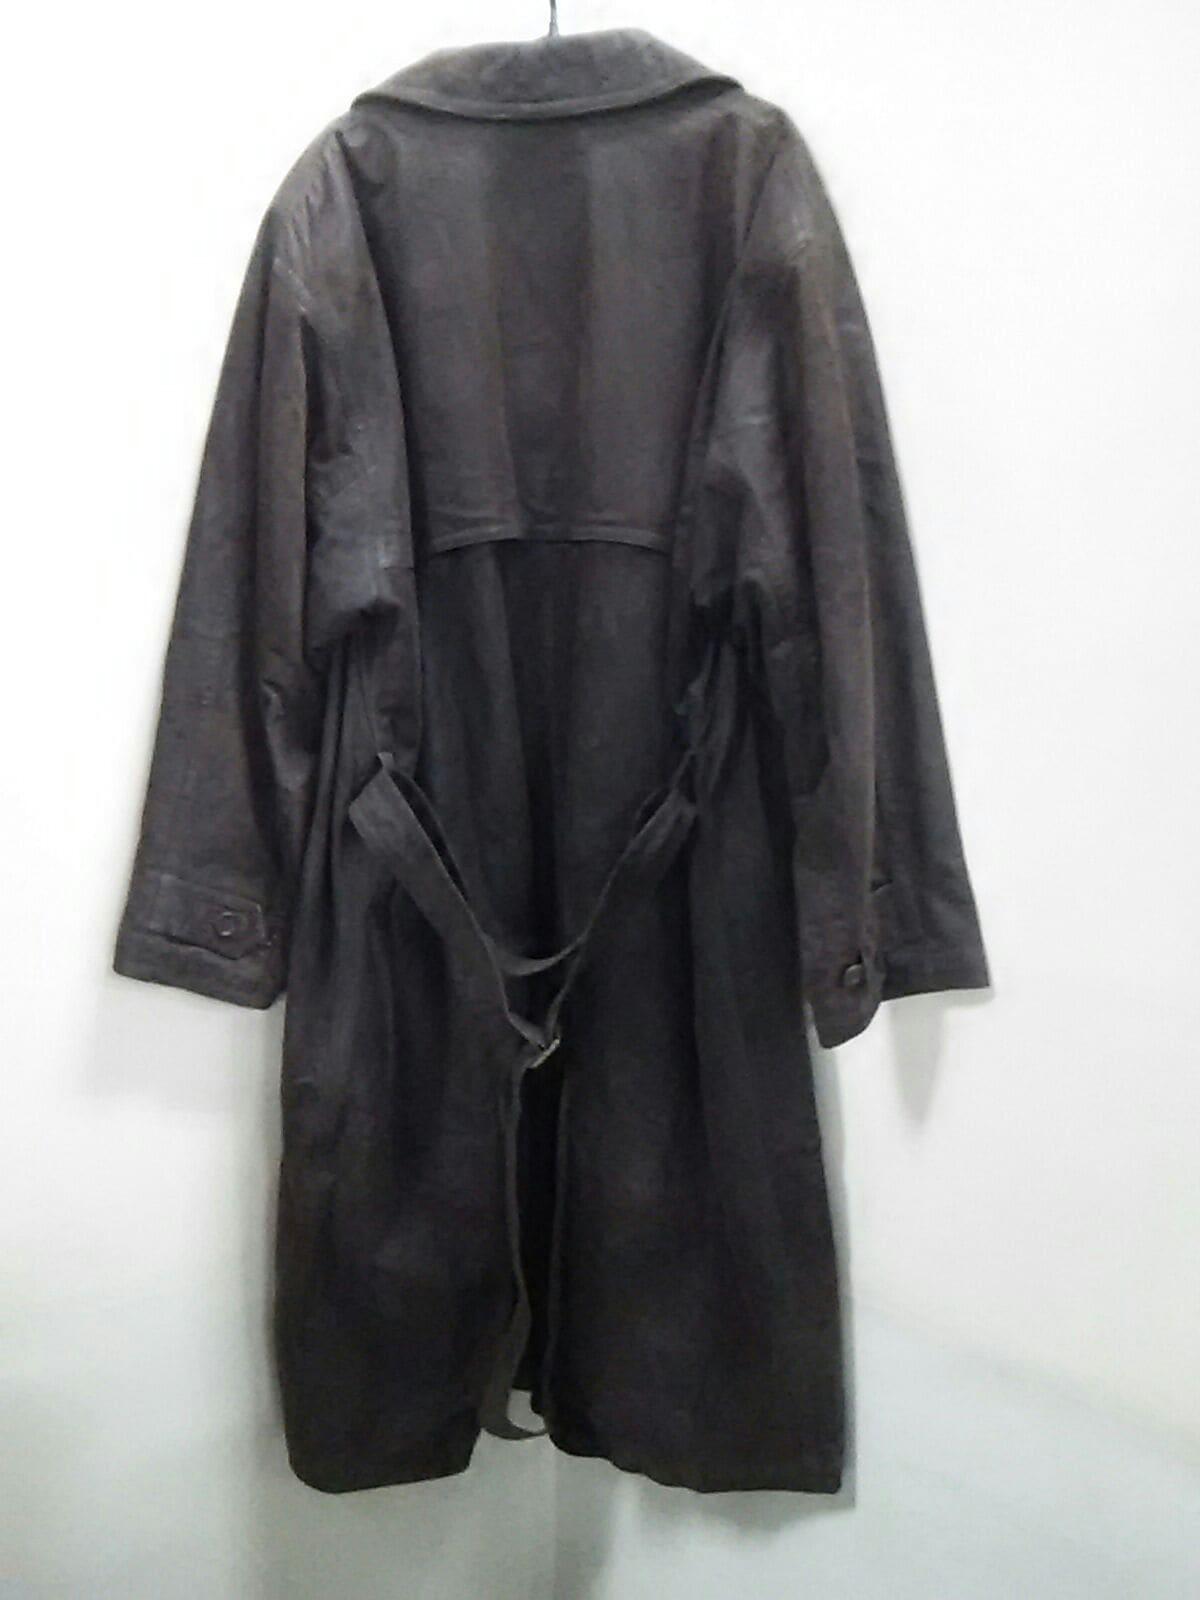 ErmenegildoZegna(ゼニア)のコート